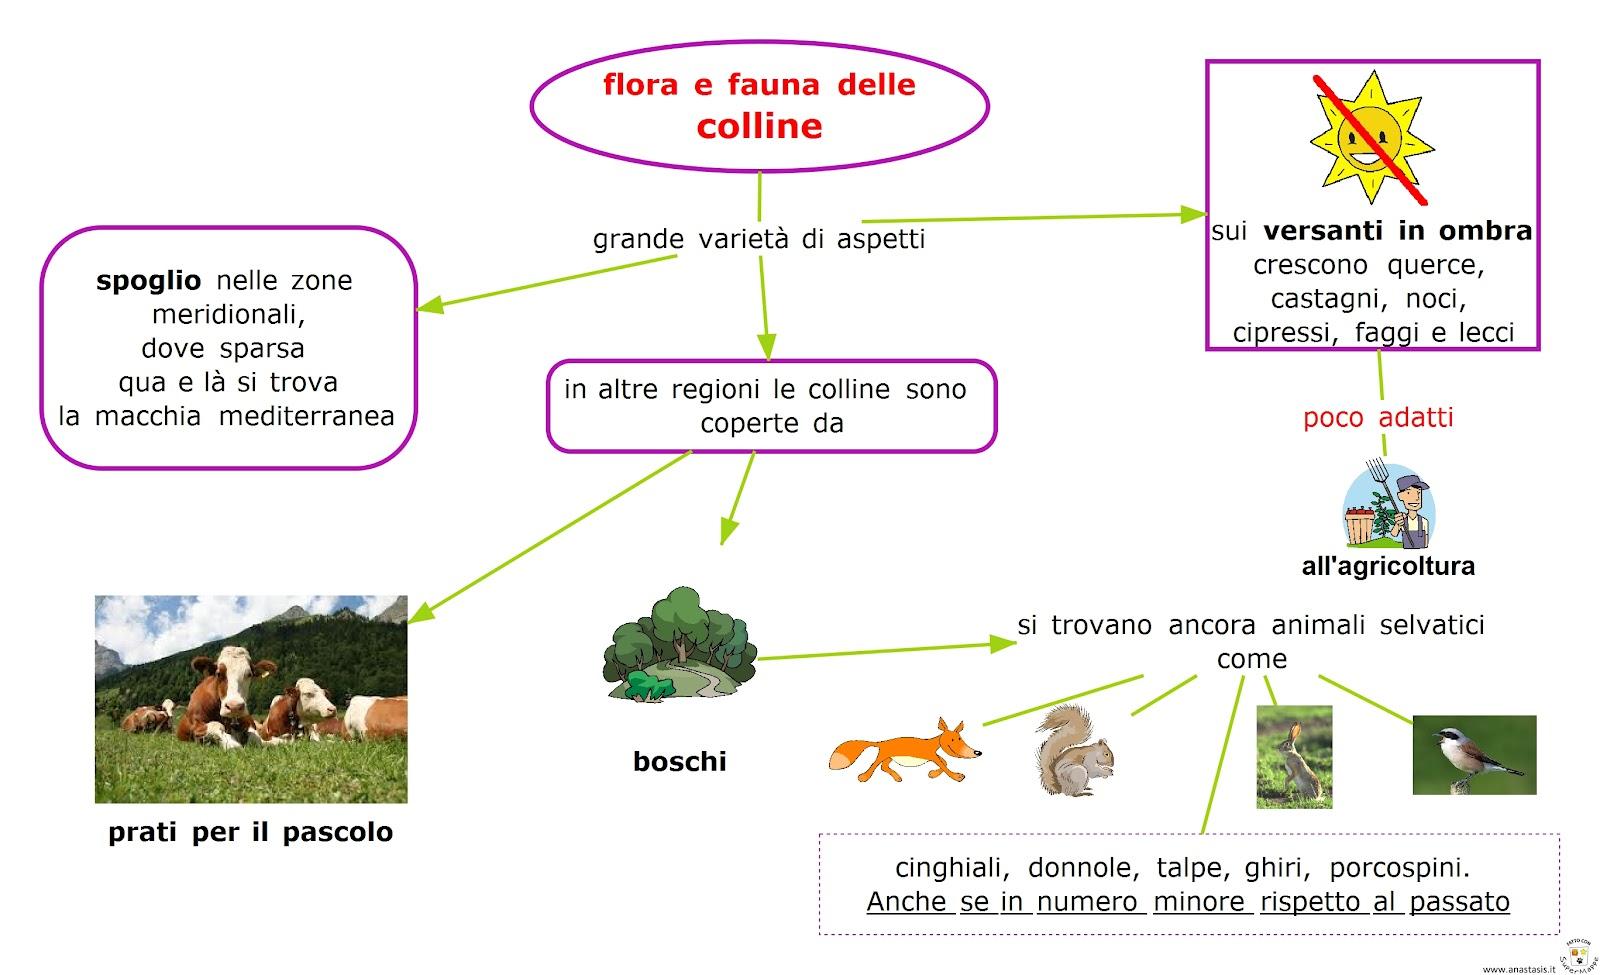 Paradiso delle mappe Colline  flora e fauna